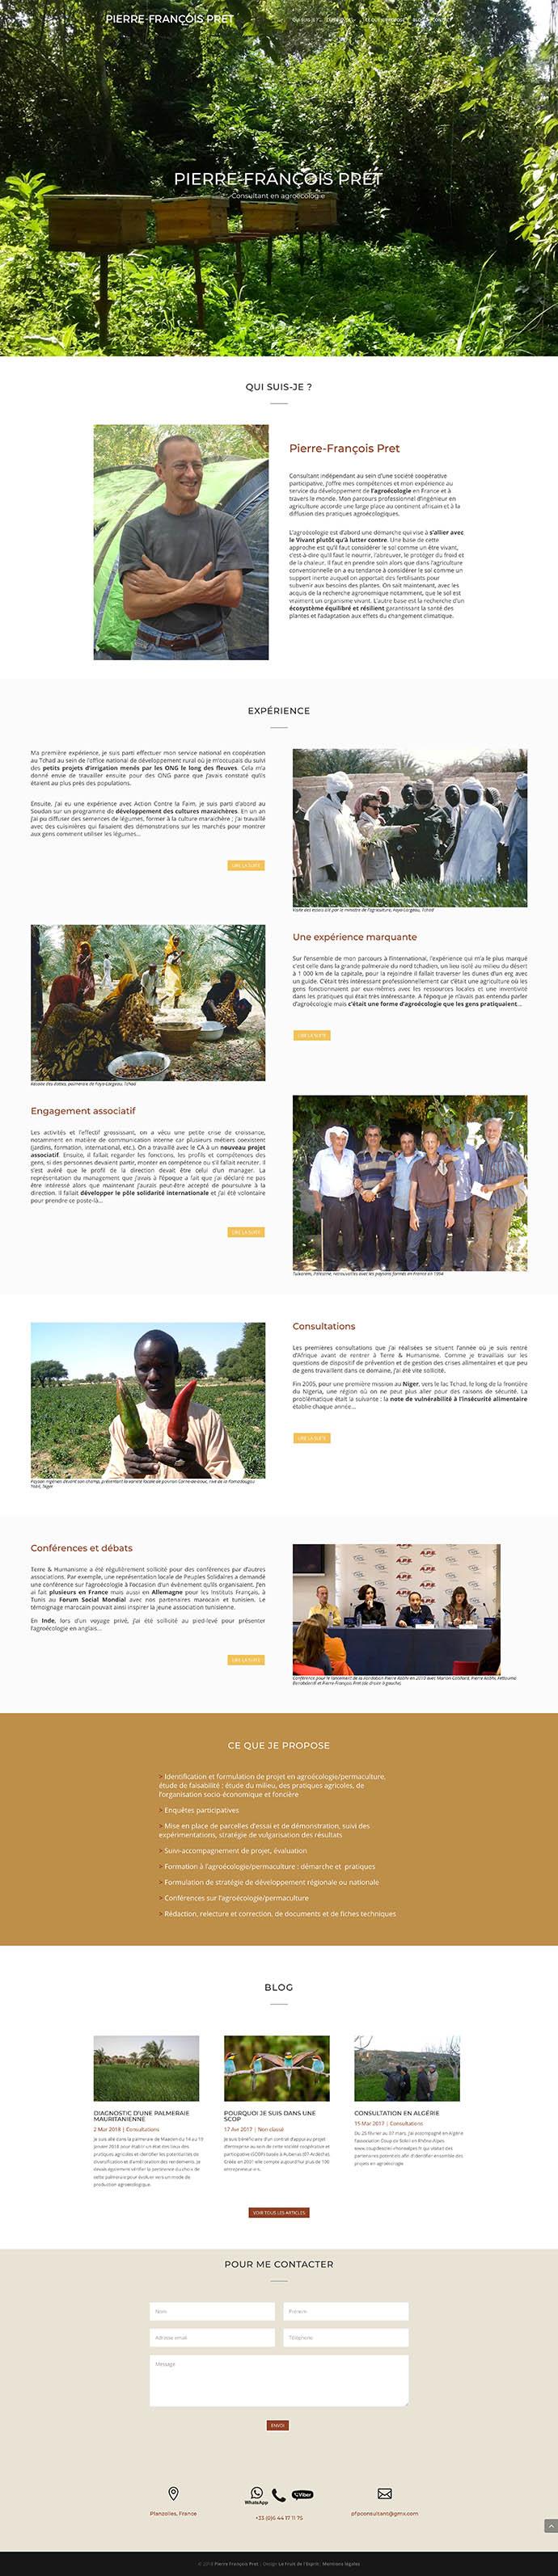 Pierre-François Pret - Consultant en agroécologie - Site internet